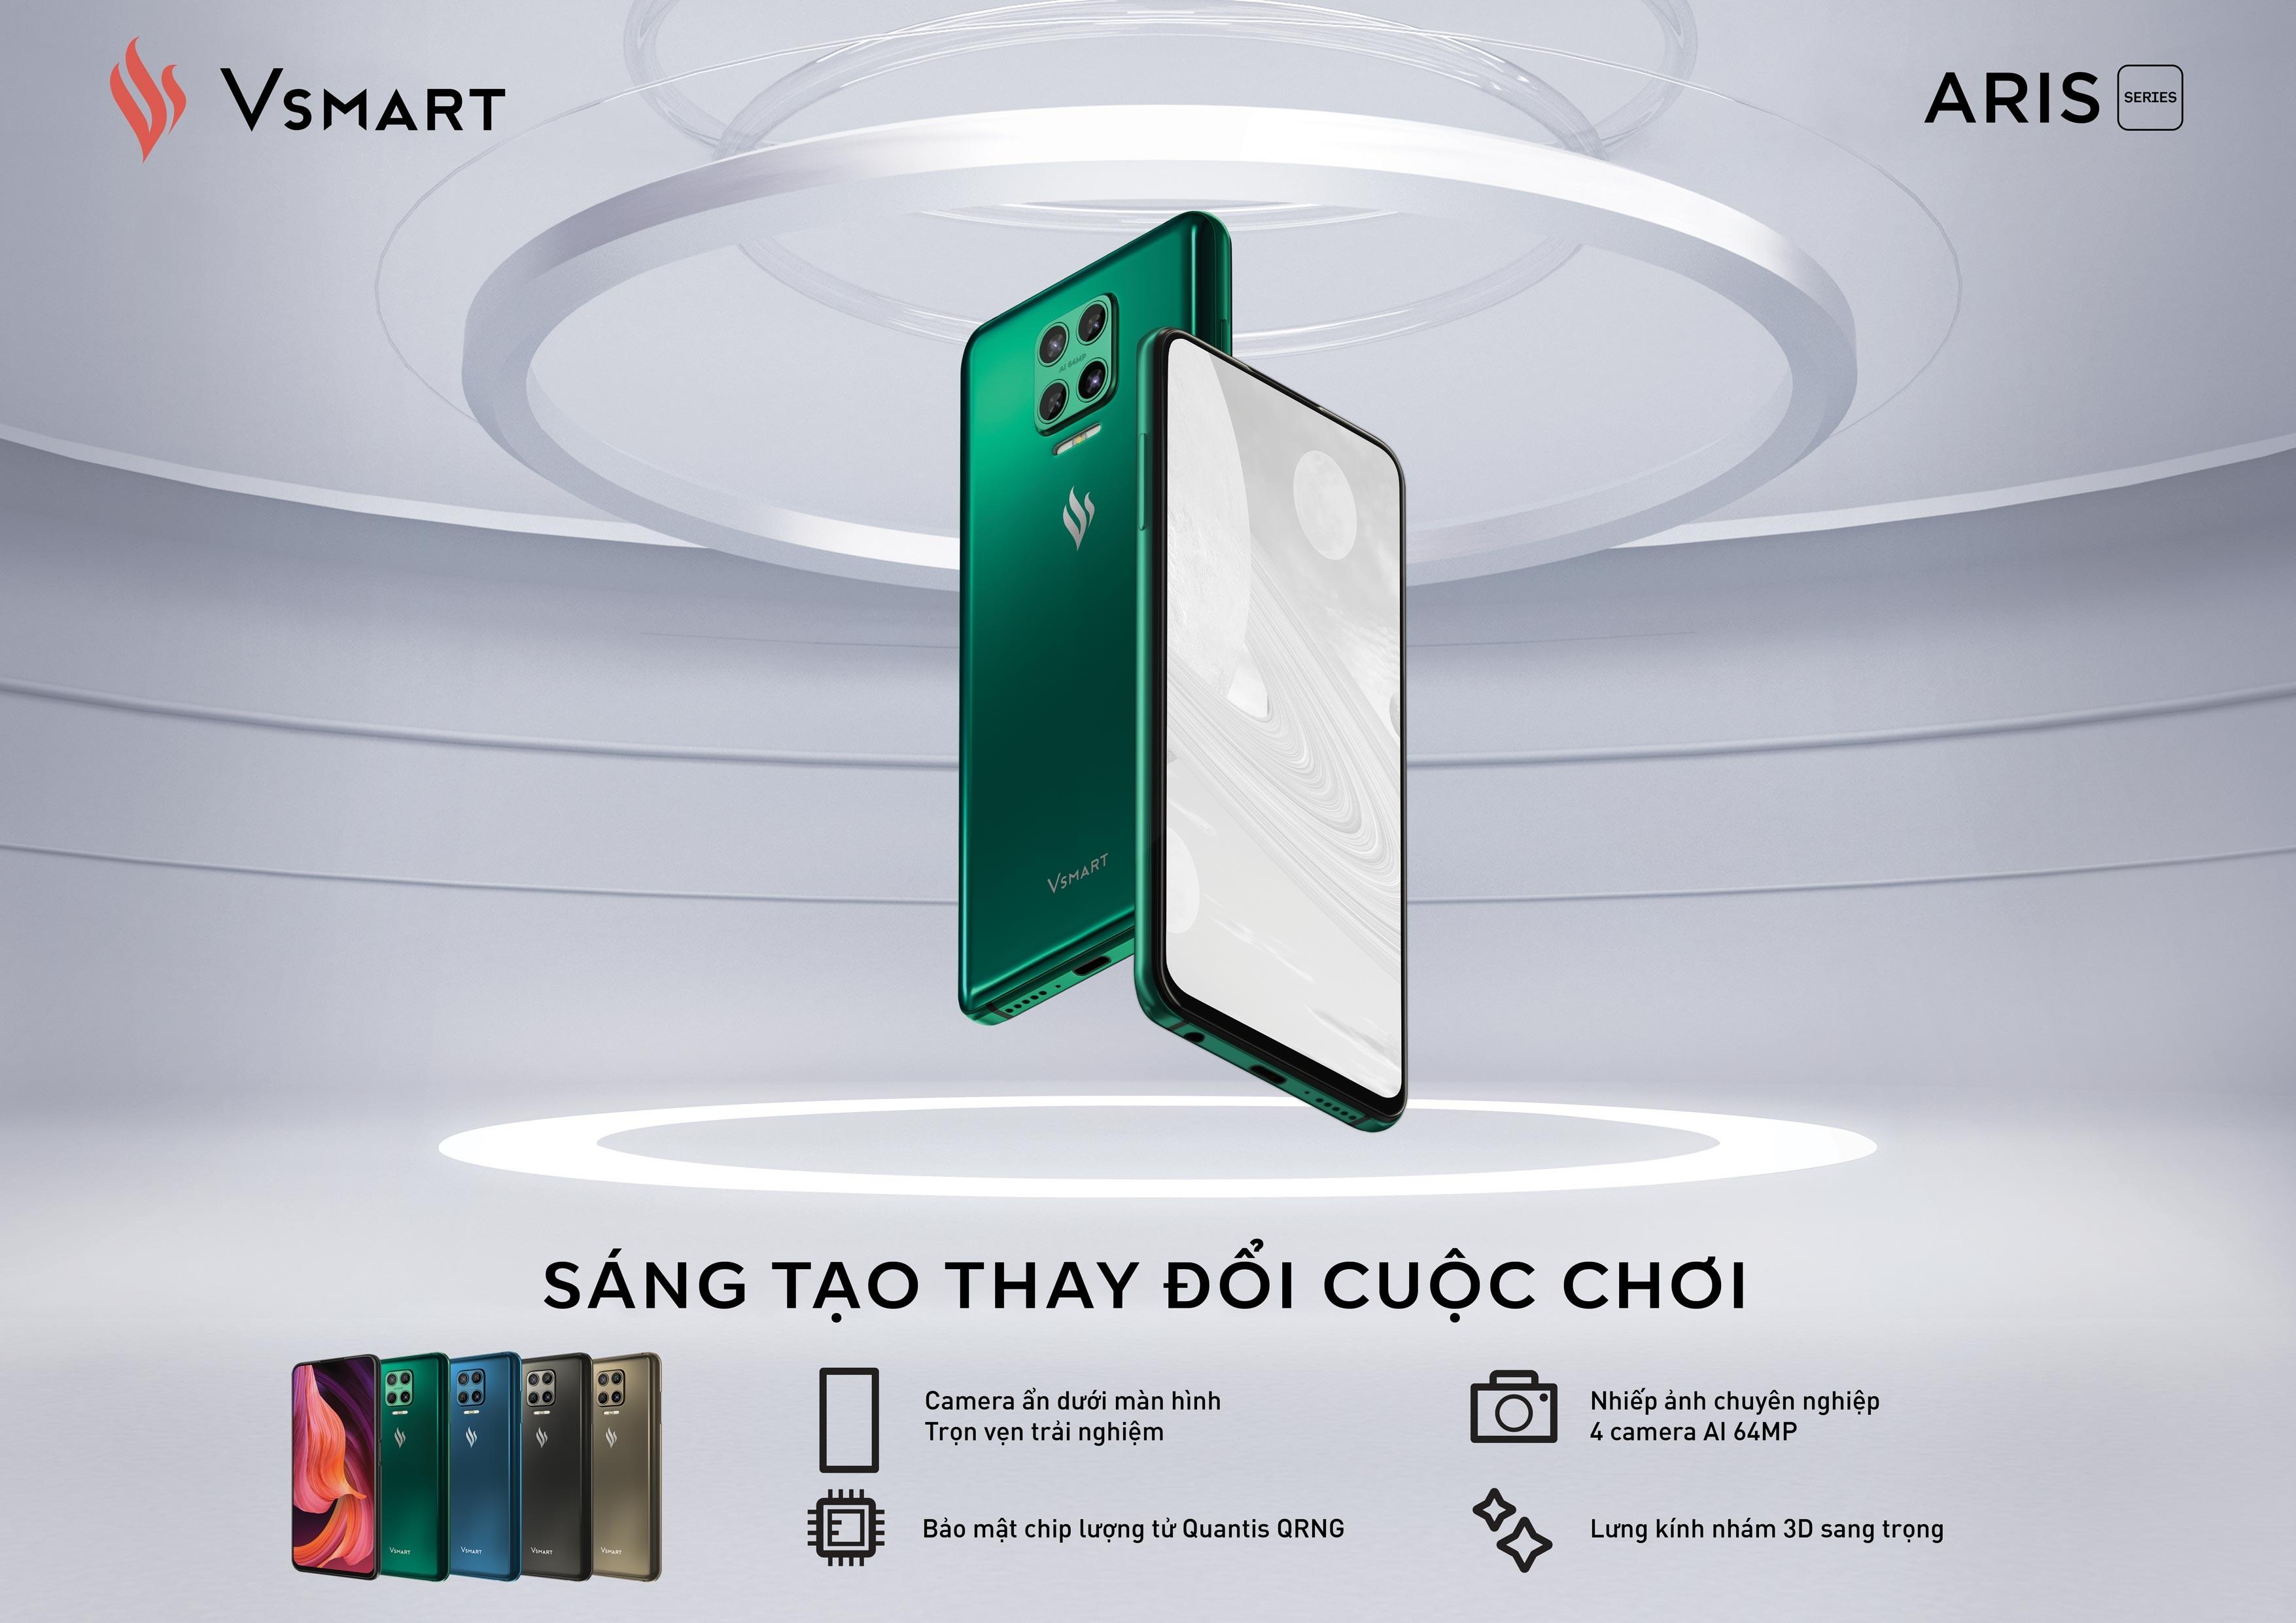 VinSmart ra mắt Aris Pro – Điện thoại camera ẩn đầu tiên tại Việt Nam - Ảnh 2